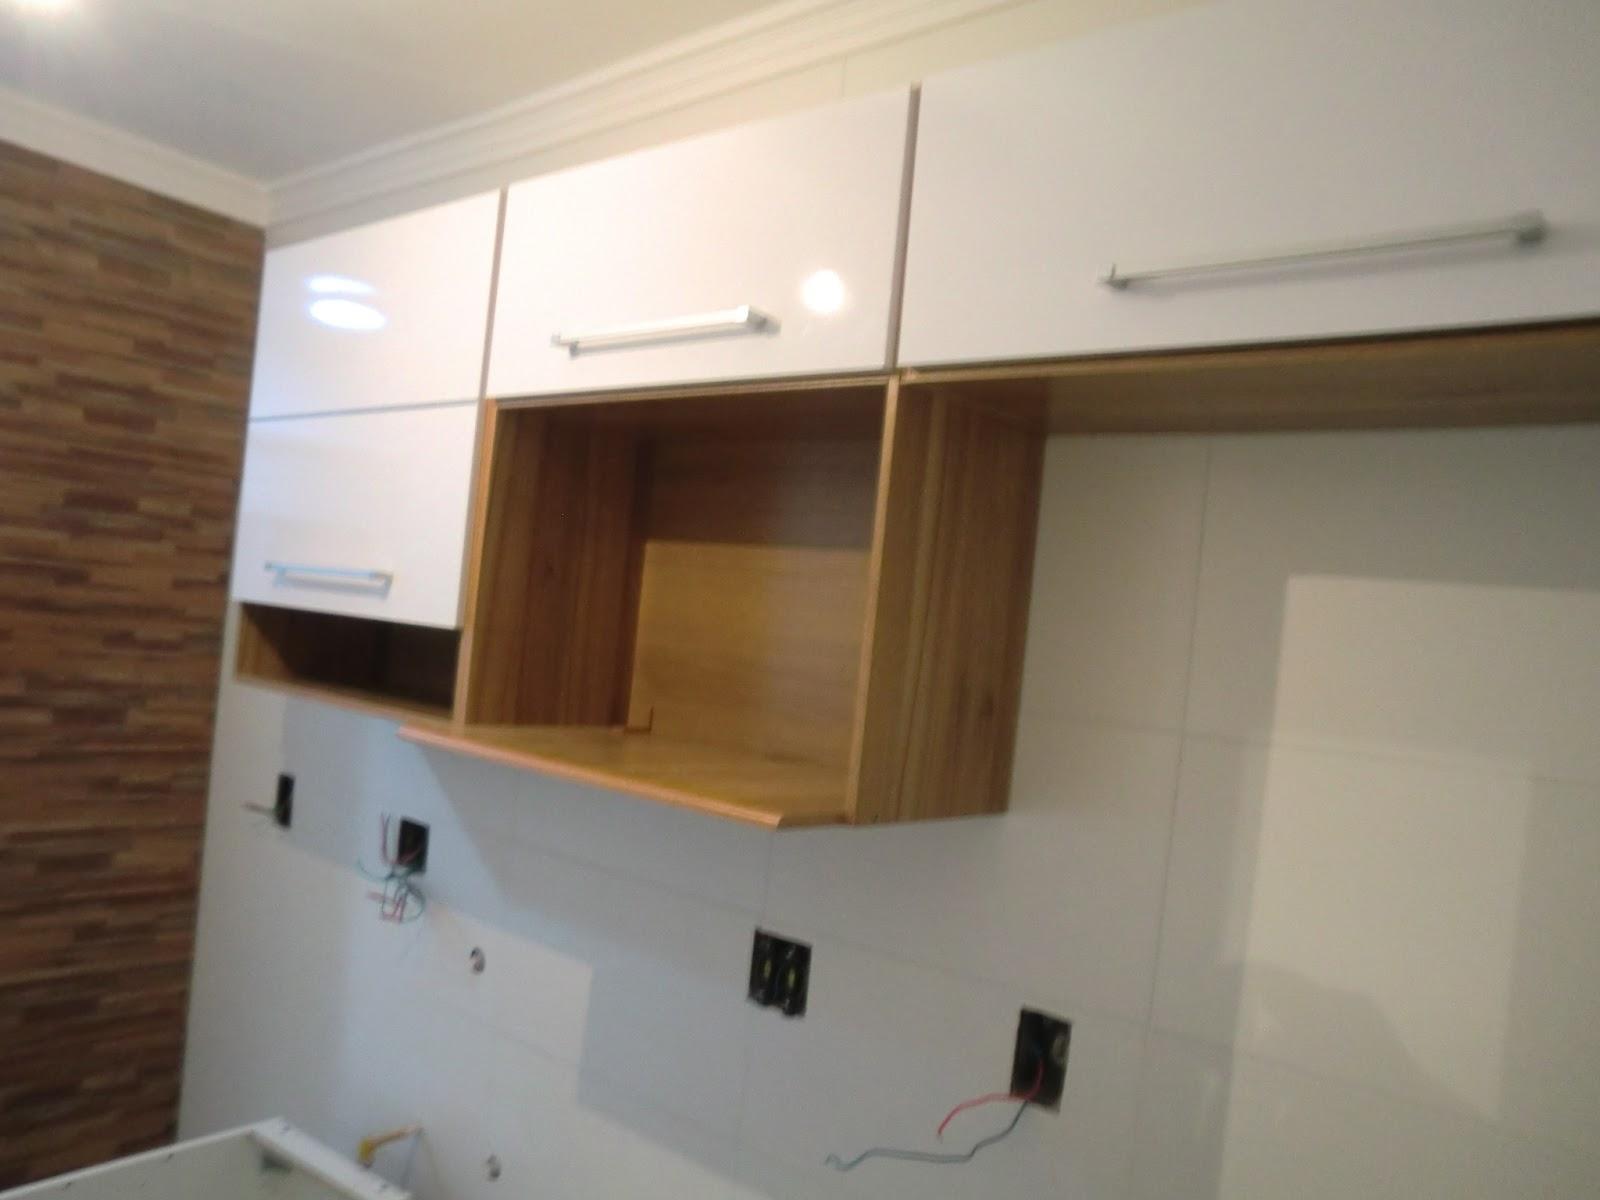 #8F663C armarios cozinha bartira 1600x1200 px Armario De Cozinha Bartira Juliana Casas Bahia_1285 Imagens